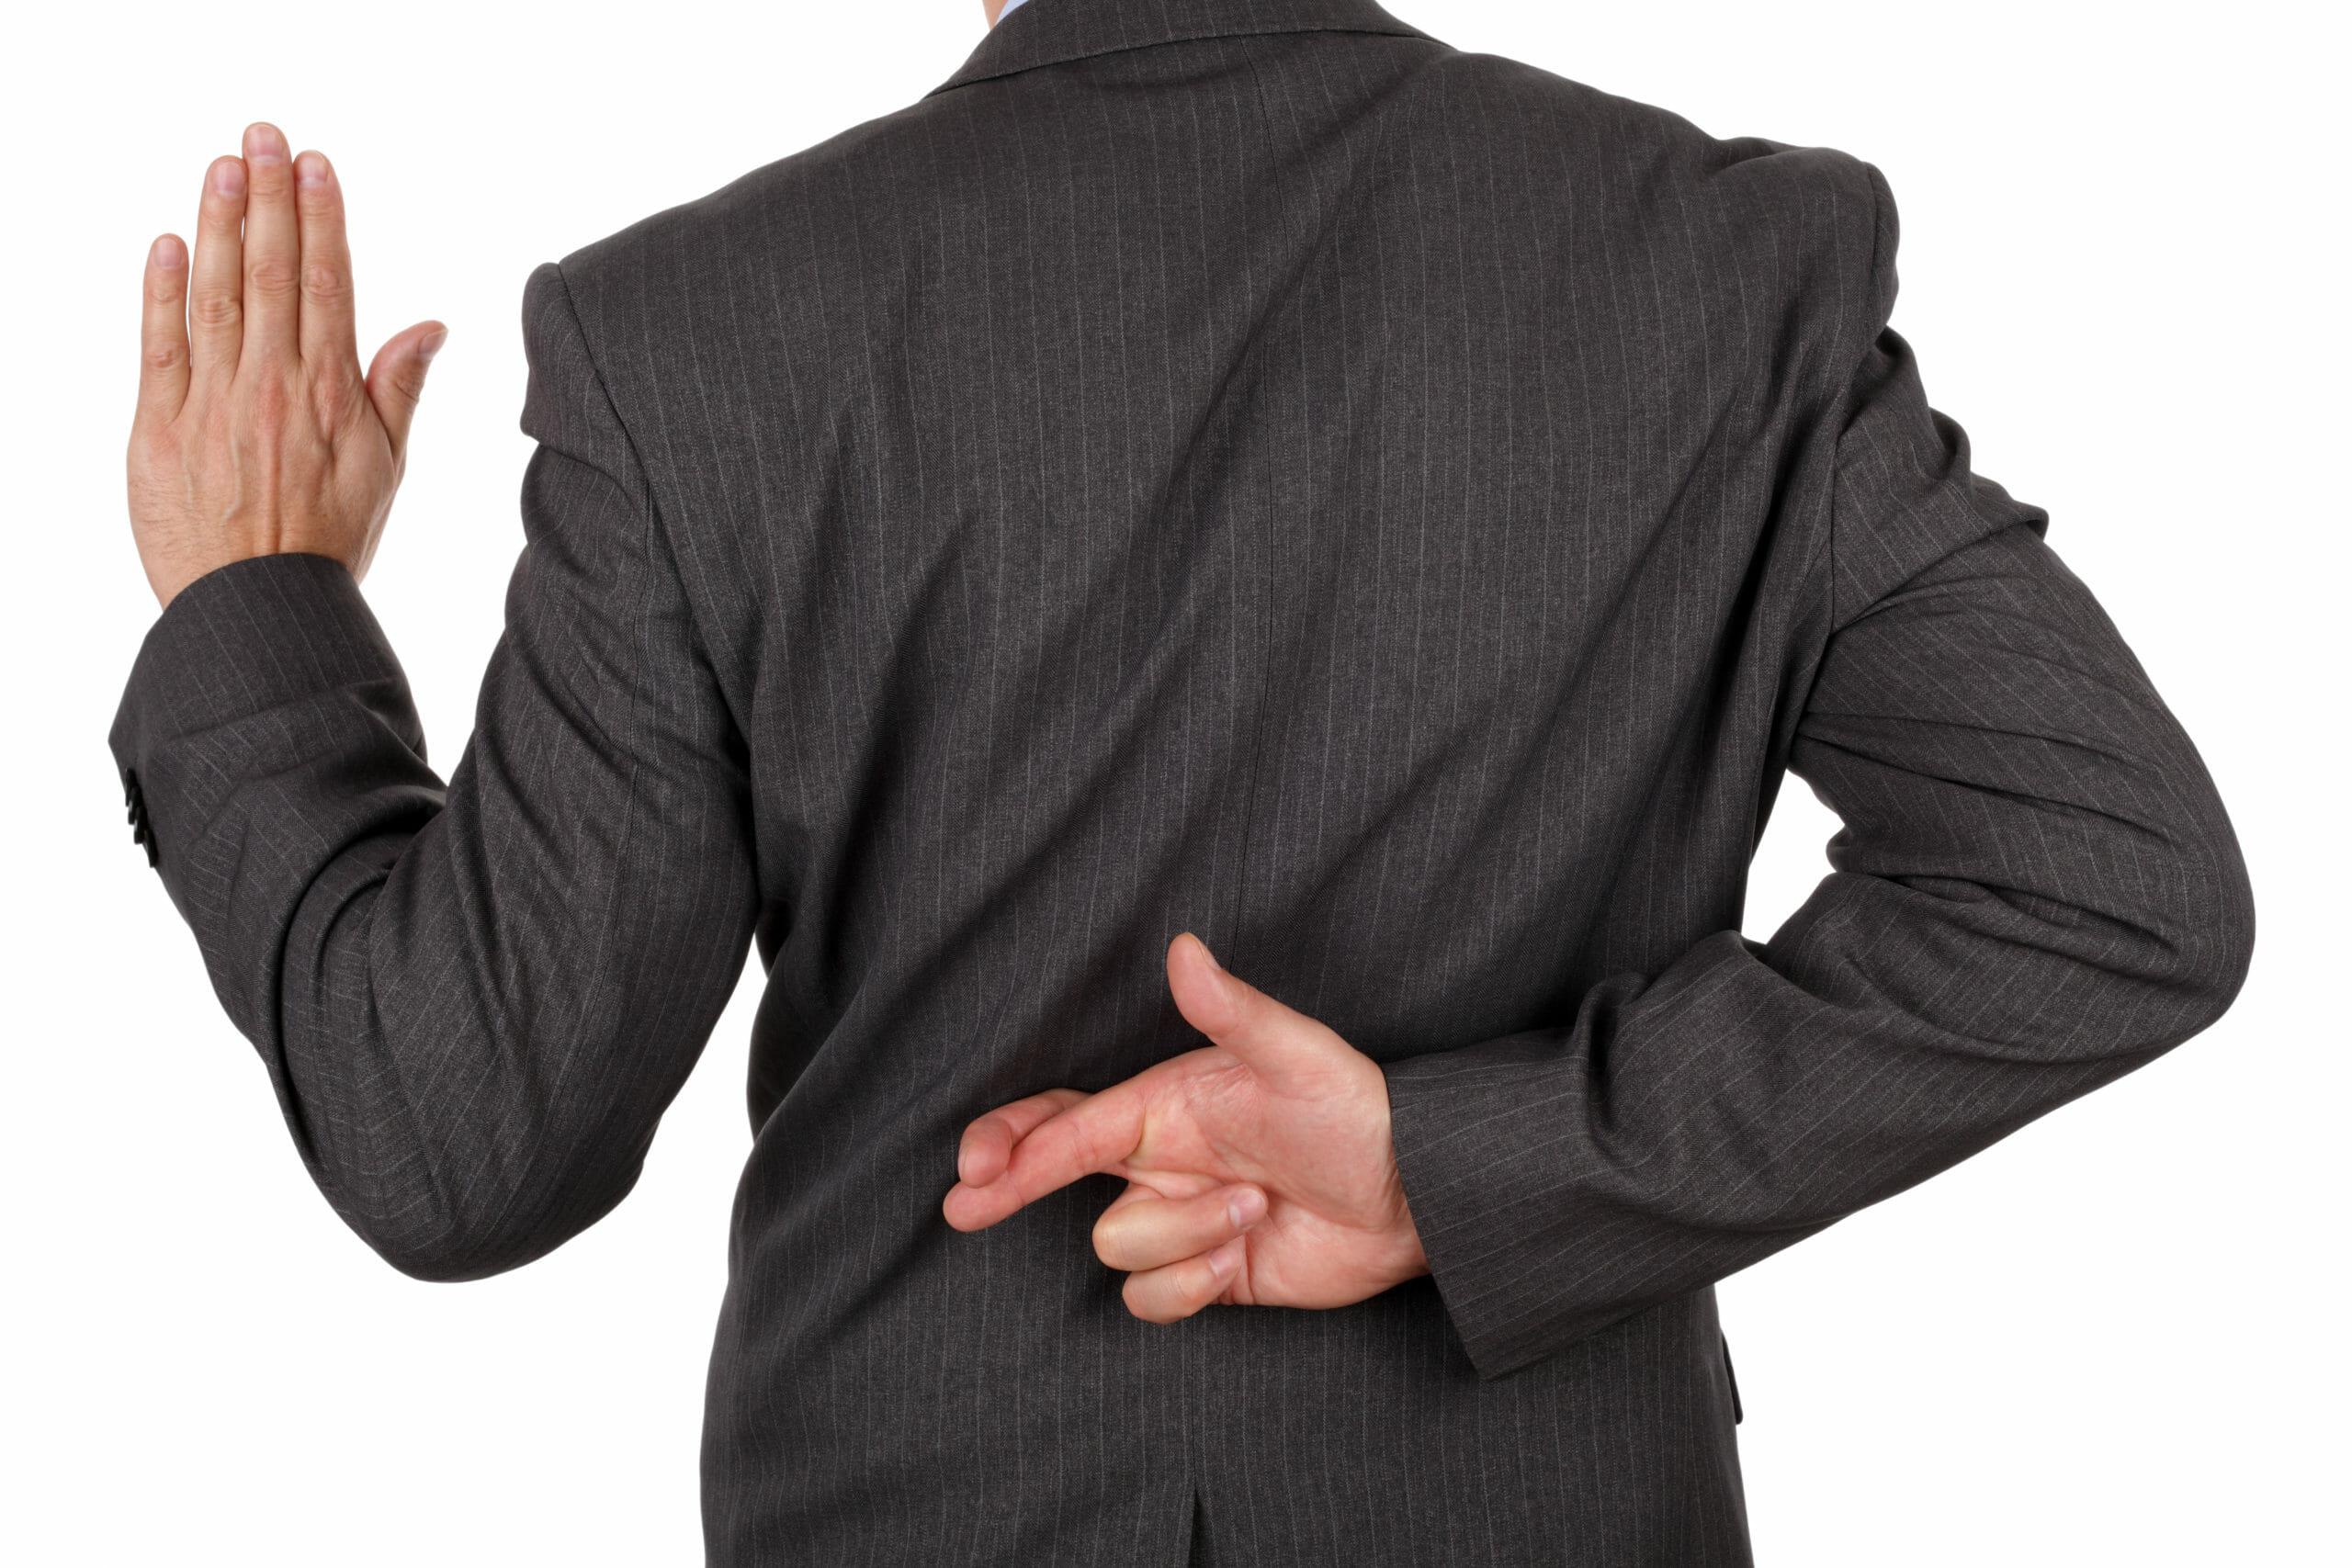 swearing-oath-fingers-crossed-behind-back-118623196